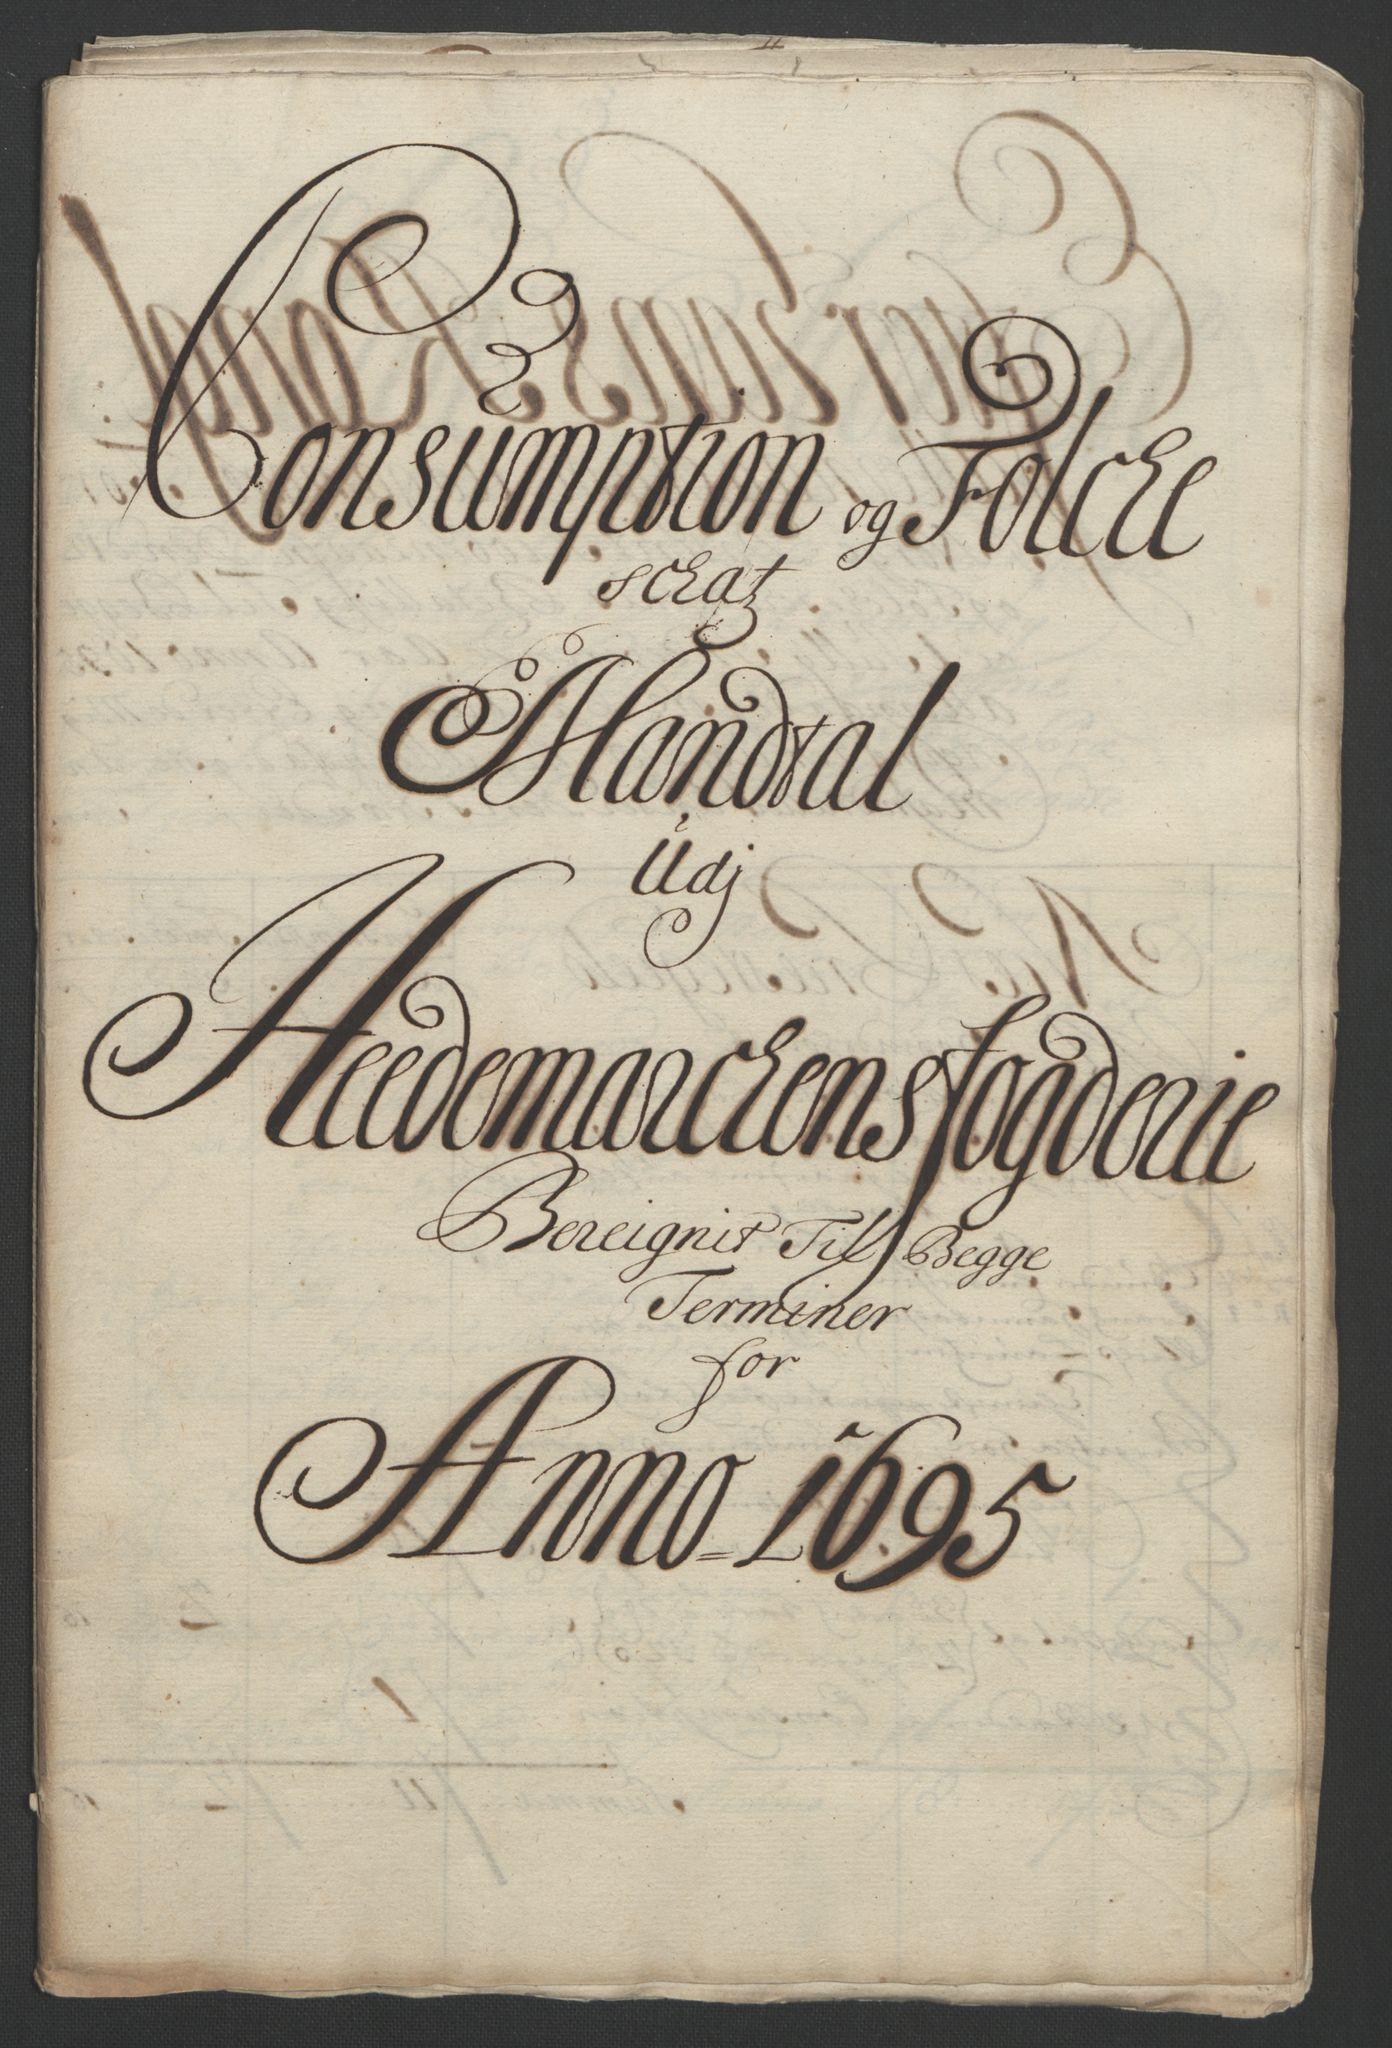 RA, Rentekammeret inntil 1814, Reviderte regnskaper, Fogderegnskap, R16/L1036: Fogderegnskap Hedmark, 1695-1696, s. 81